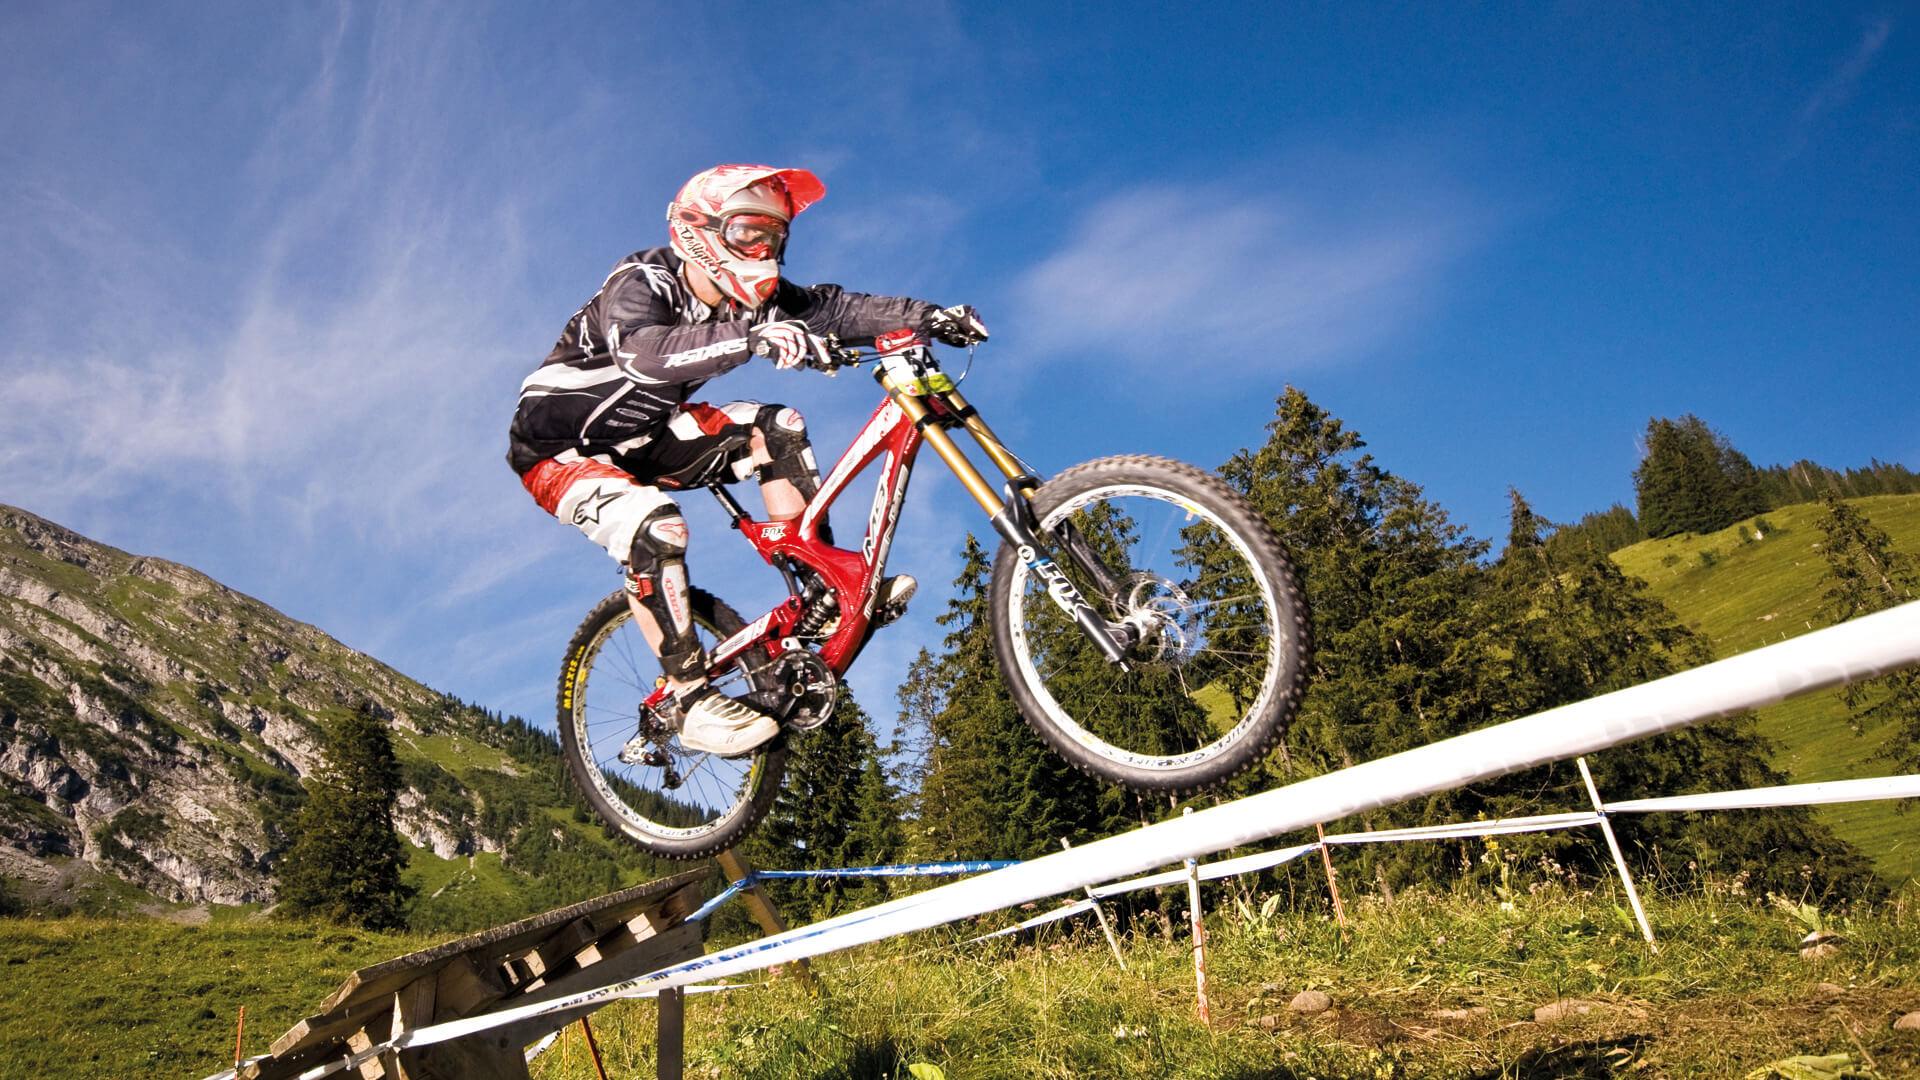 wiriehorn-downhill-bike-sport-sommer